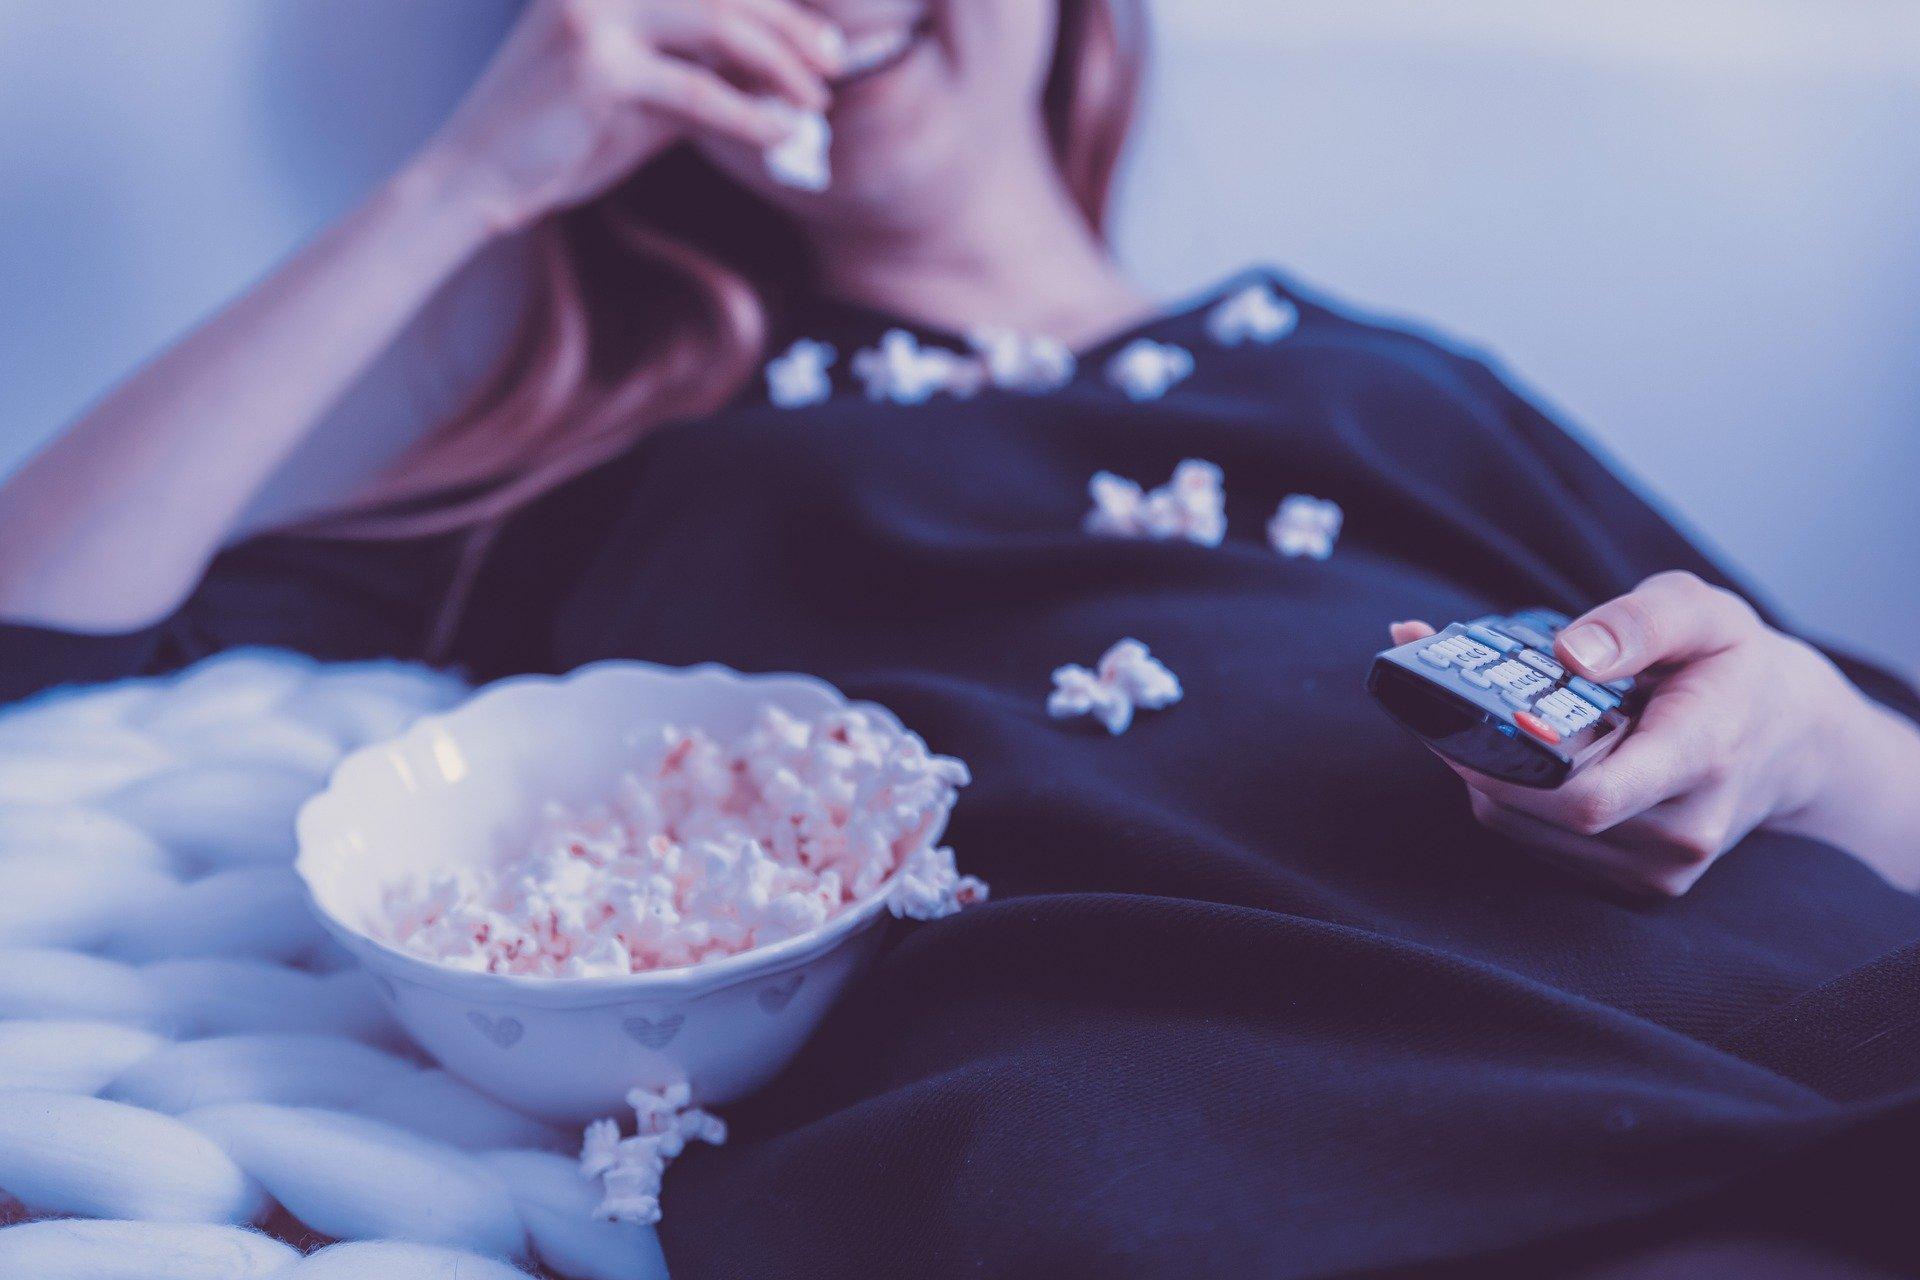 Mulher comendo pipoca e segurando o controle remoto.